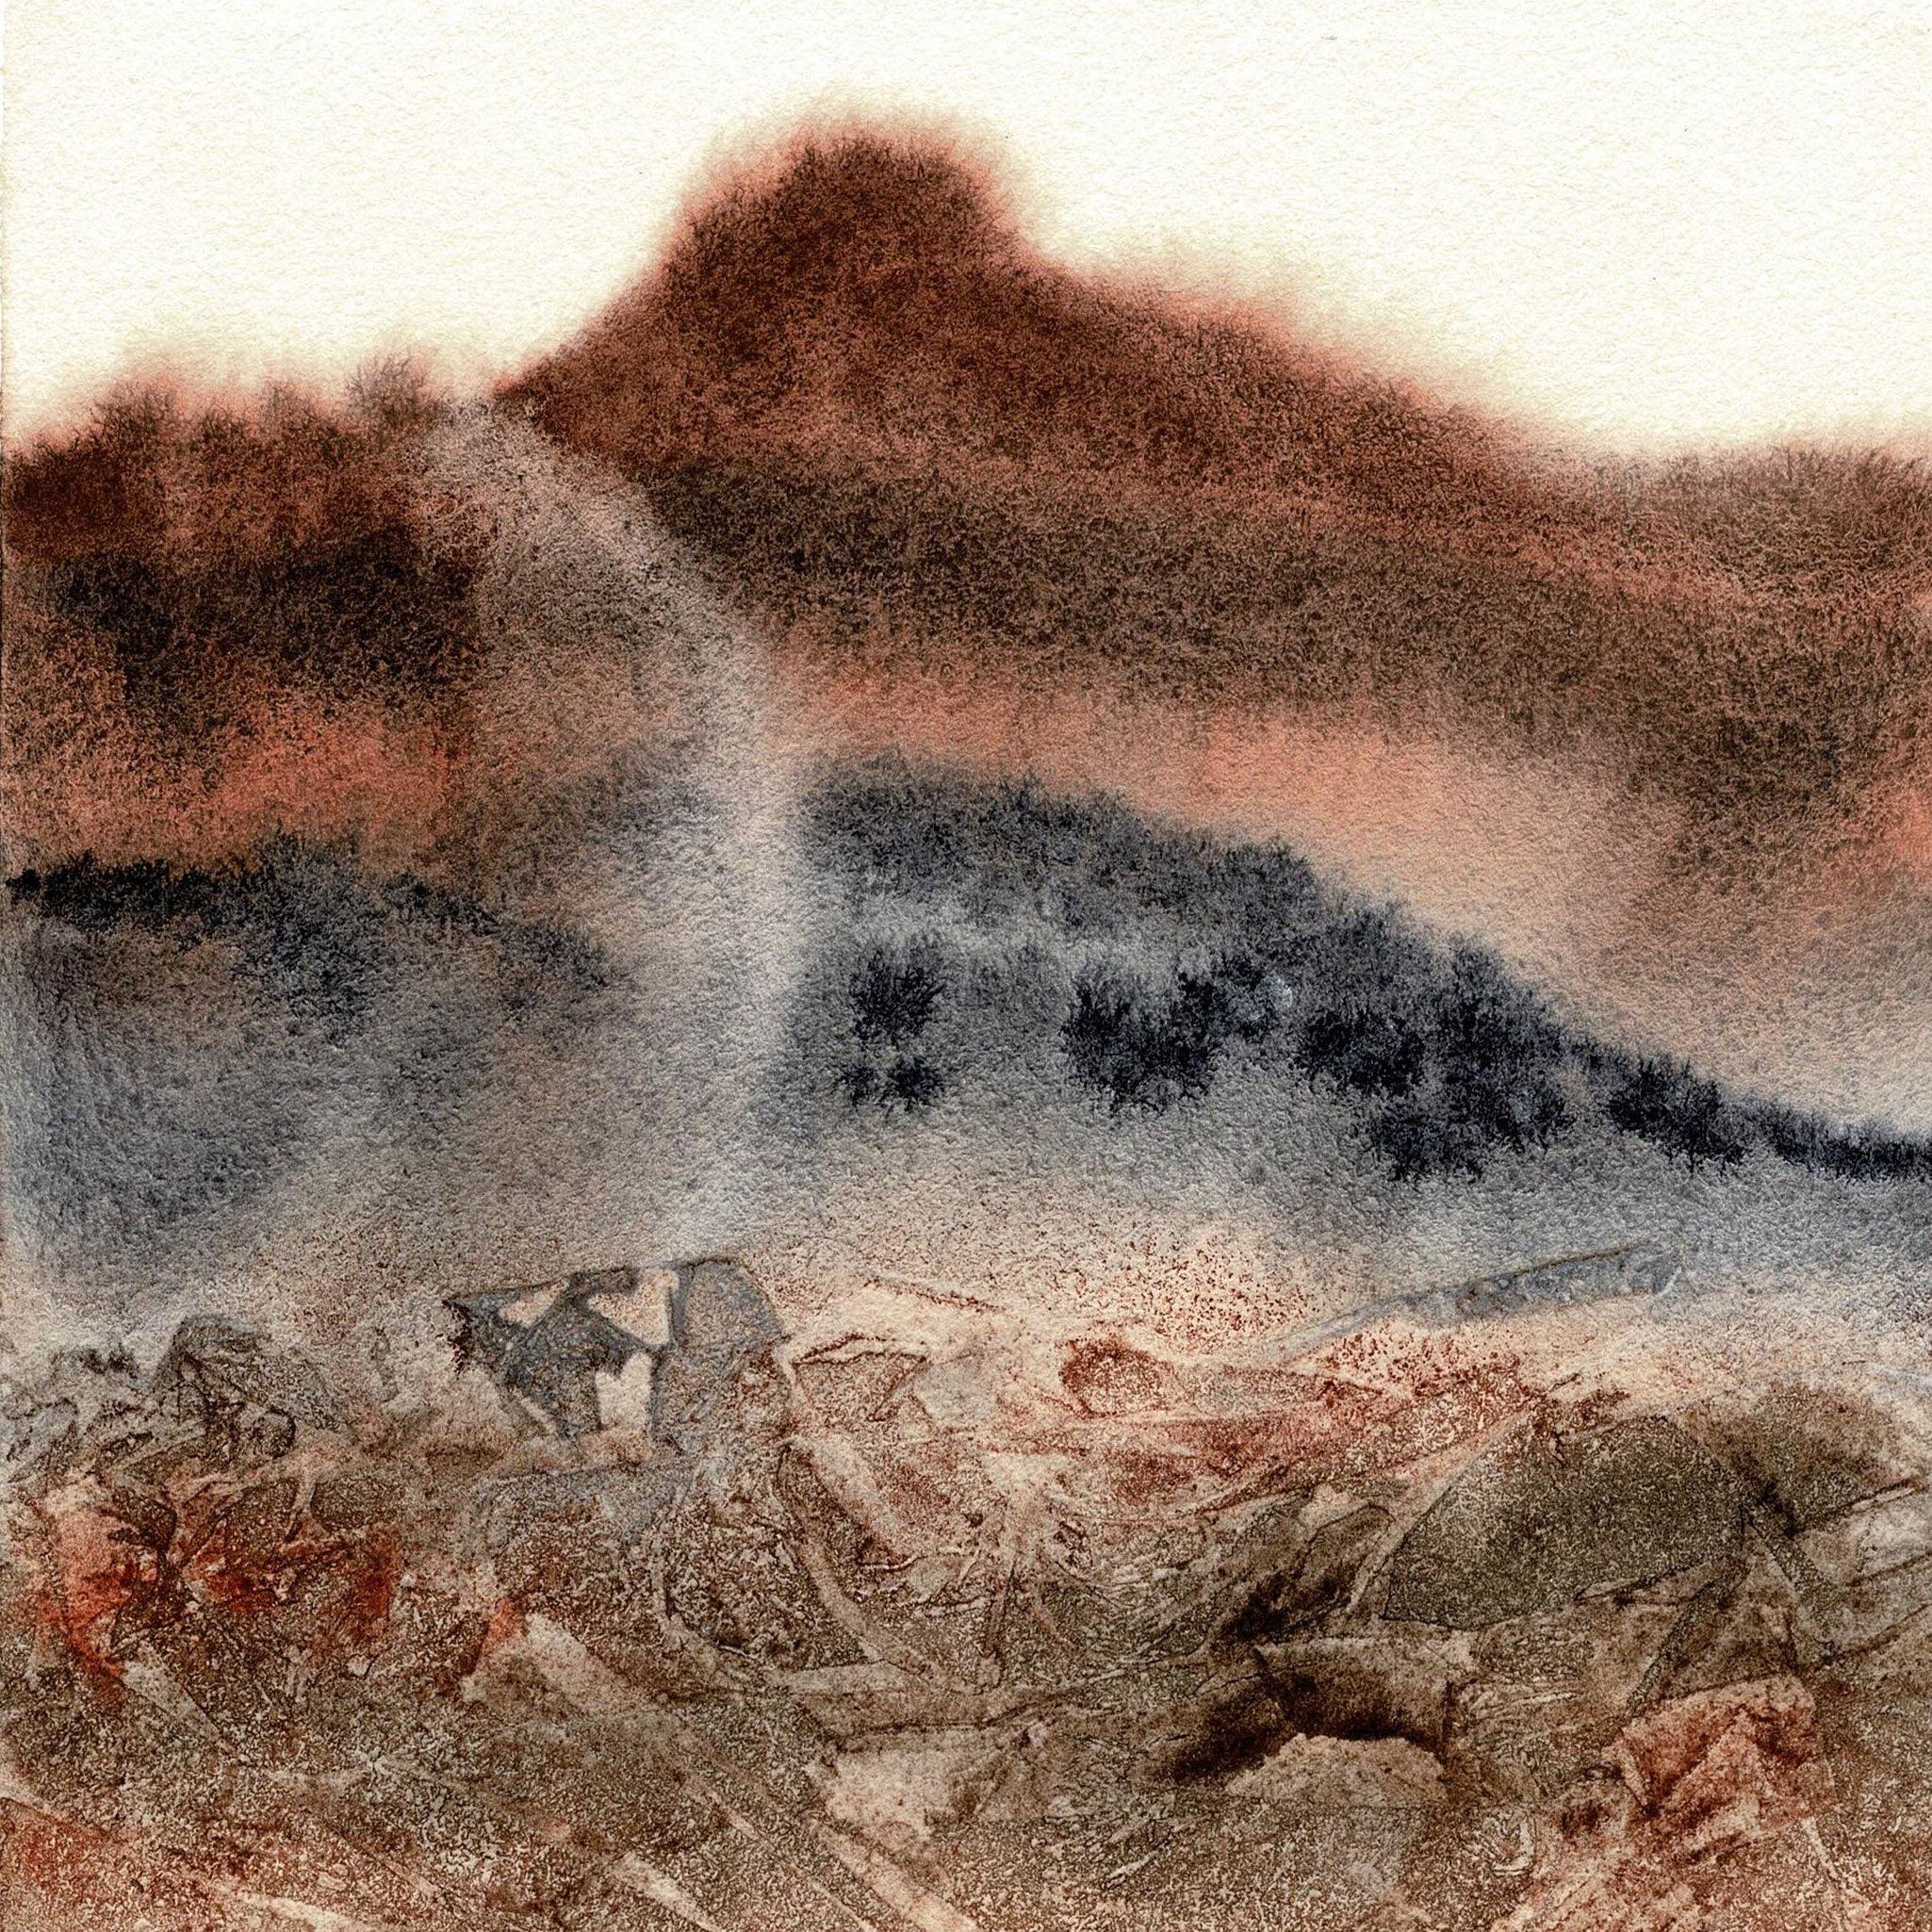 JOHNSTONE_Megan-Jane_Outback Track